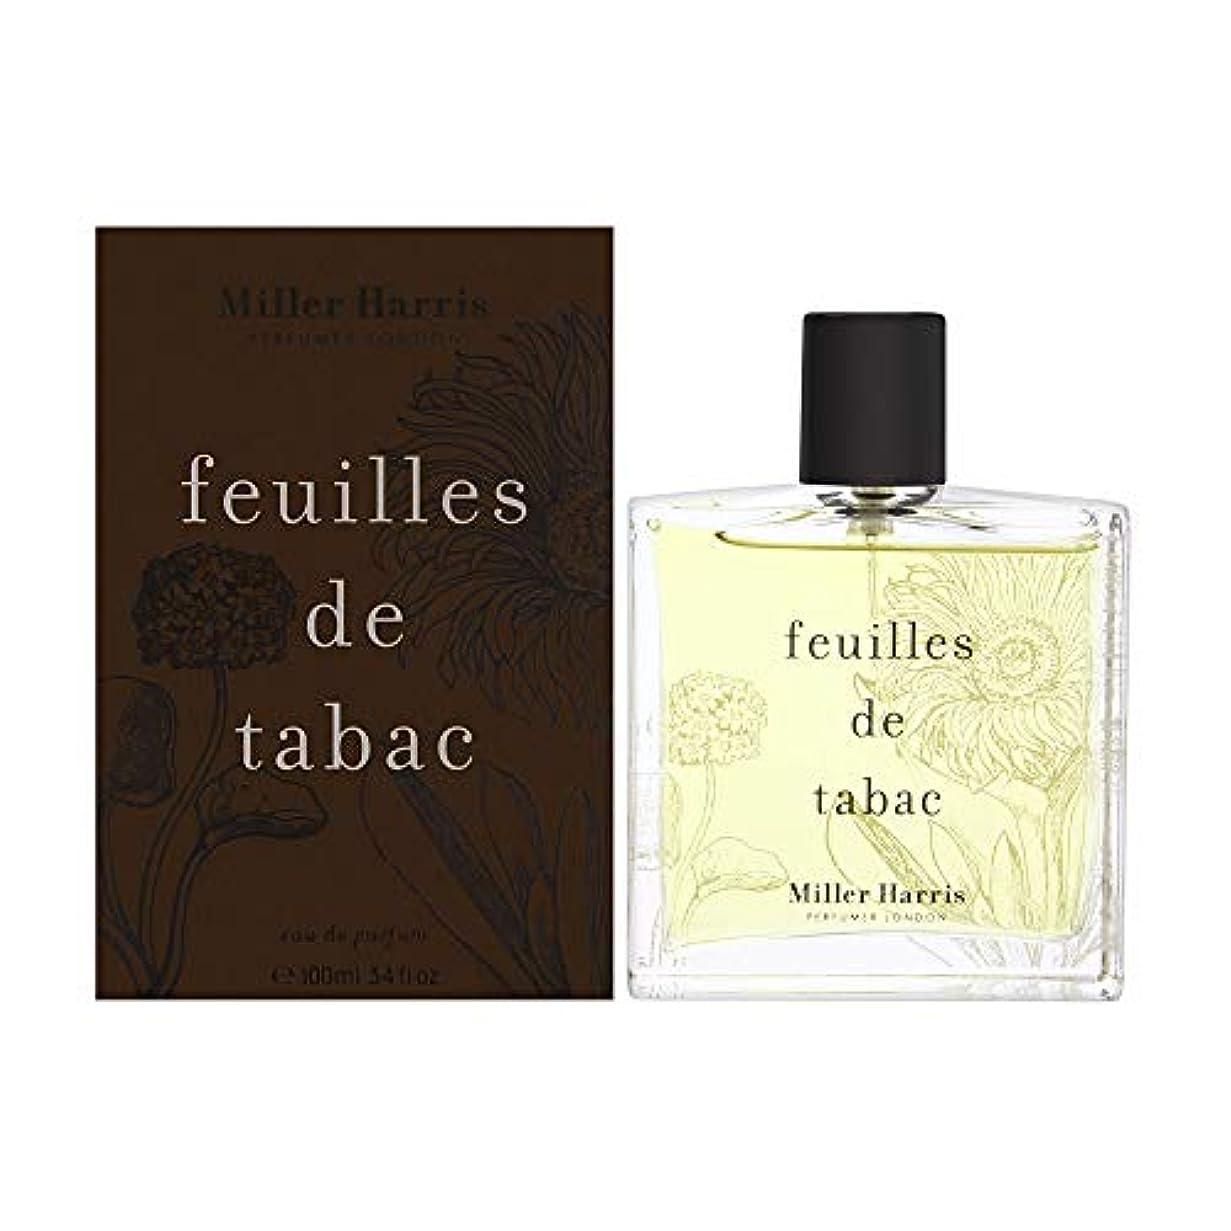 理容師落ち着かない薄暗いミラーハリス Feuilles De Tabac Eau De Parfum Spray 100ml/3.4oz並行輸入品